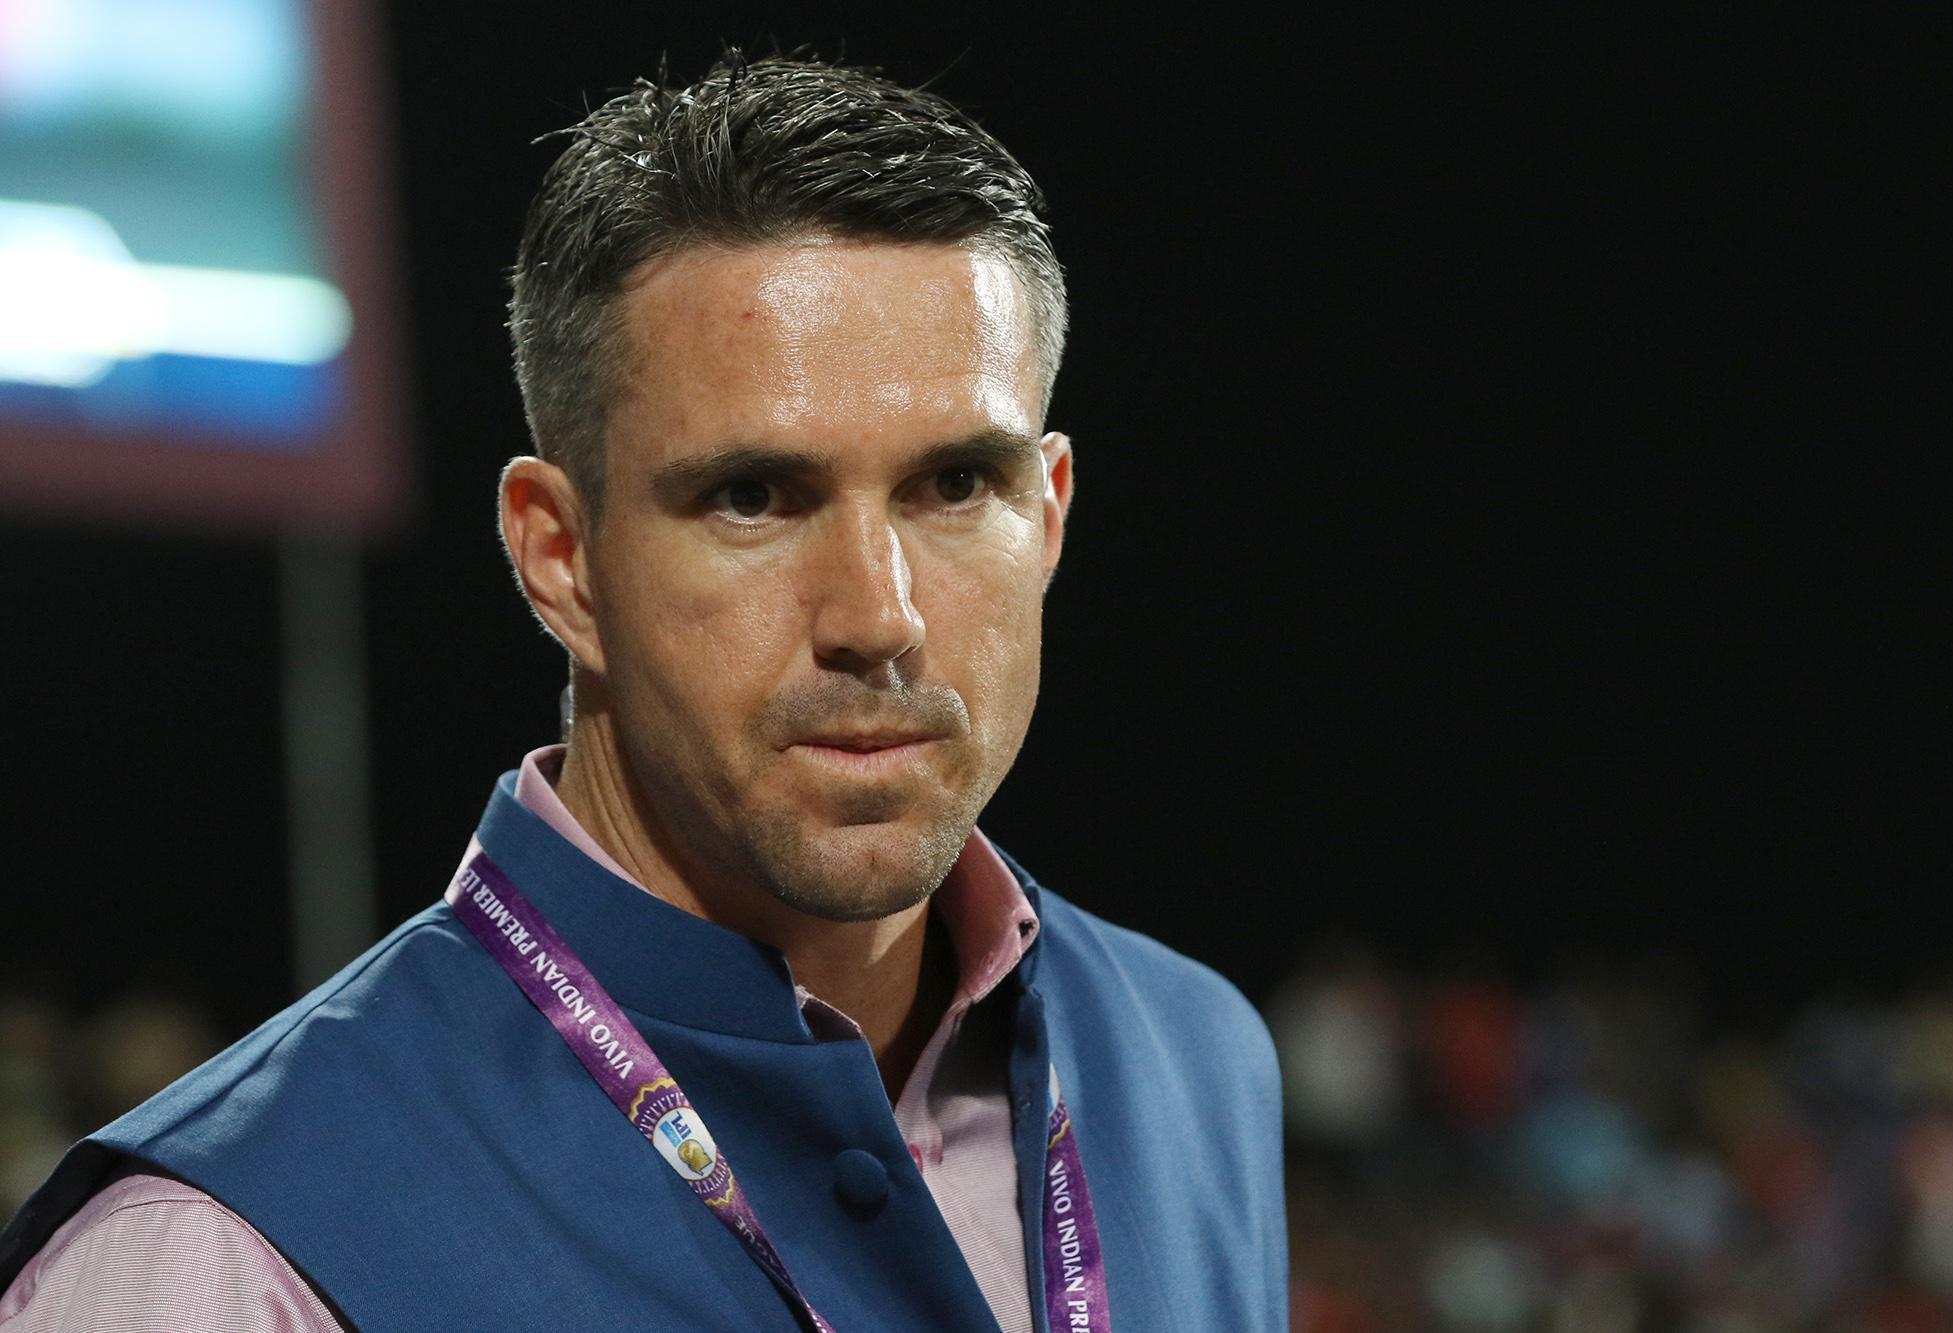 केविन पीटरसन ने पूरा किया रवी शास्त्री का चेलेंज